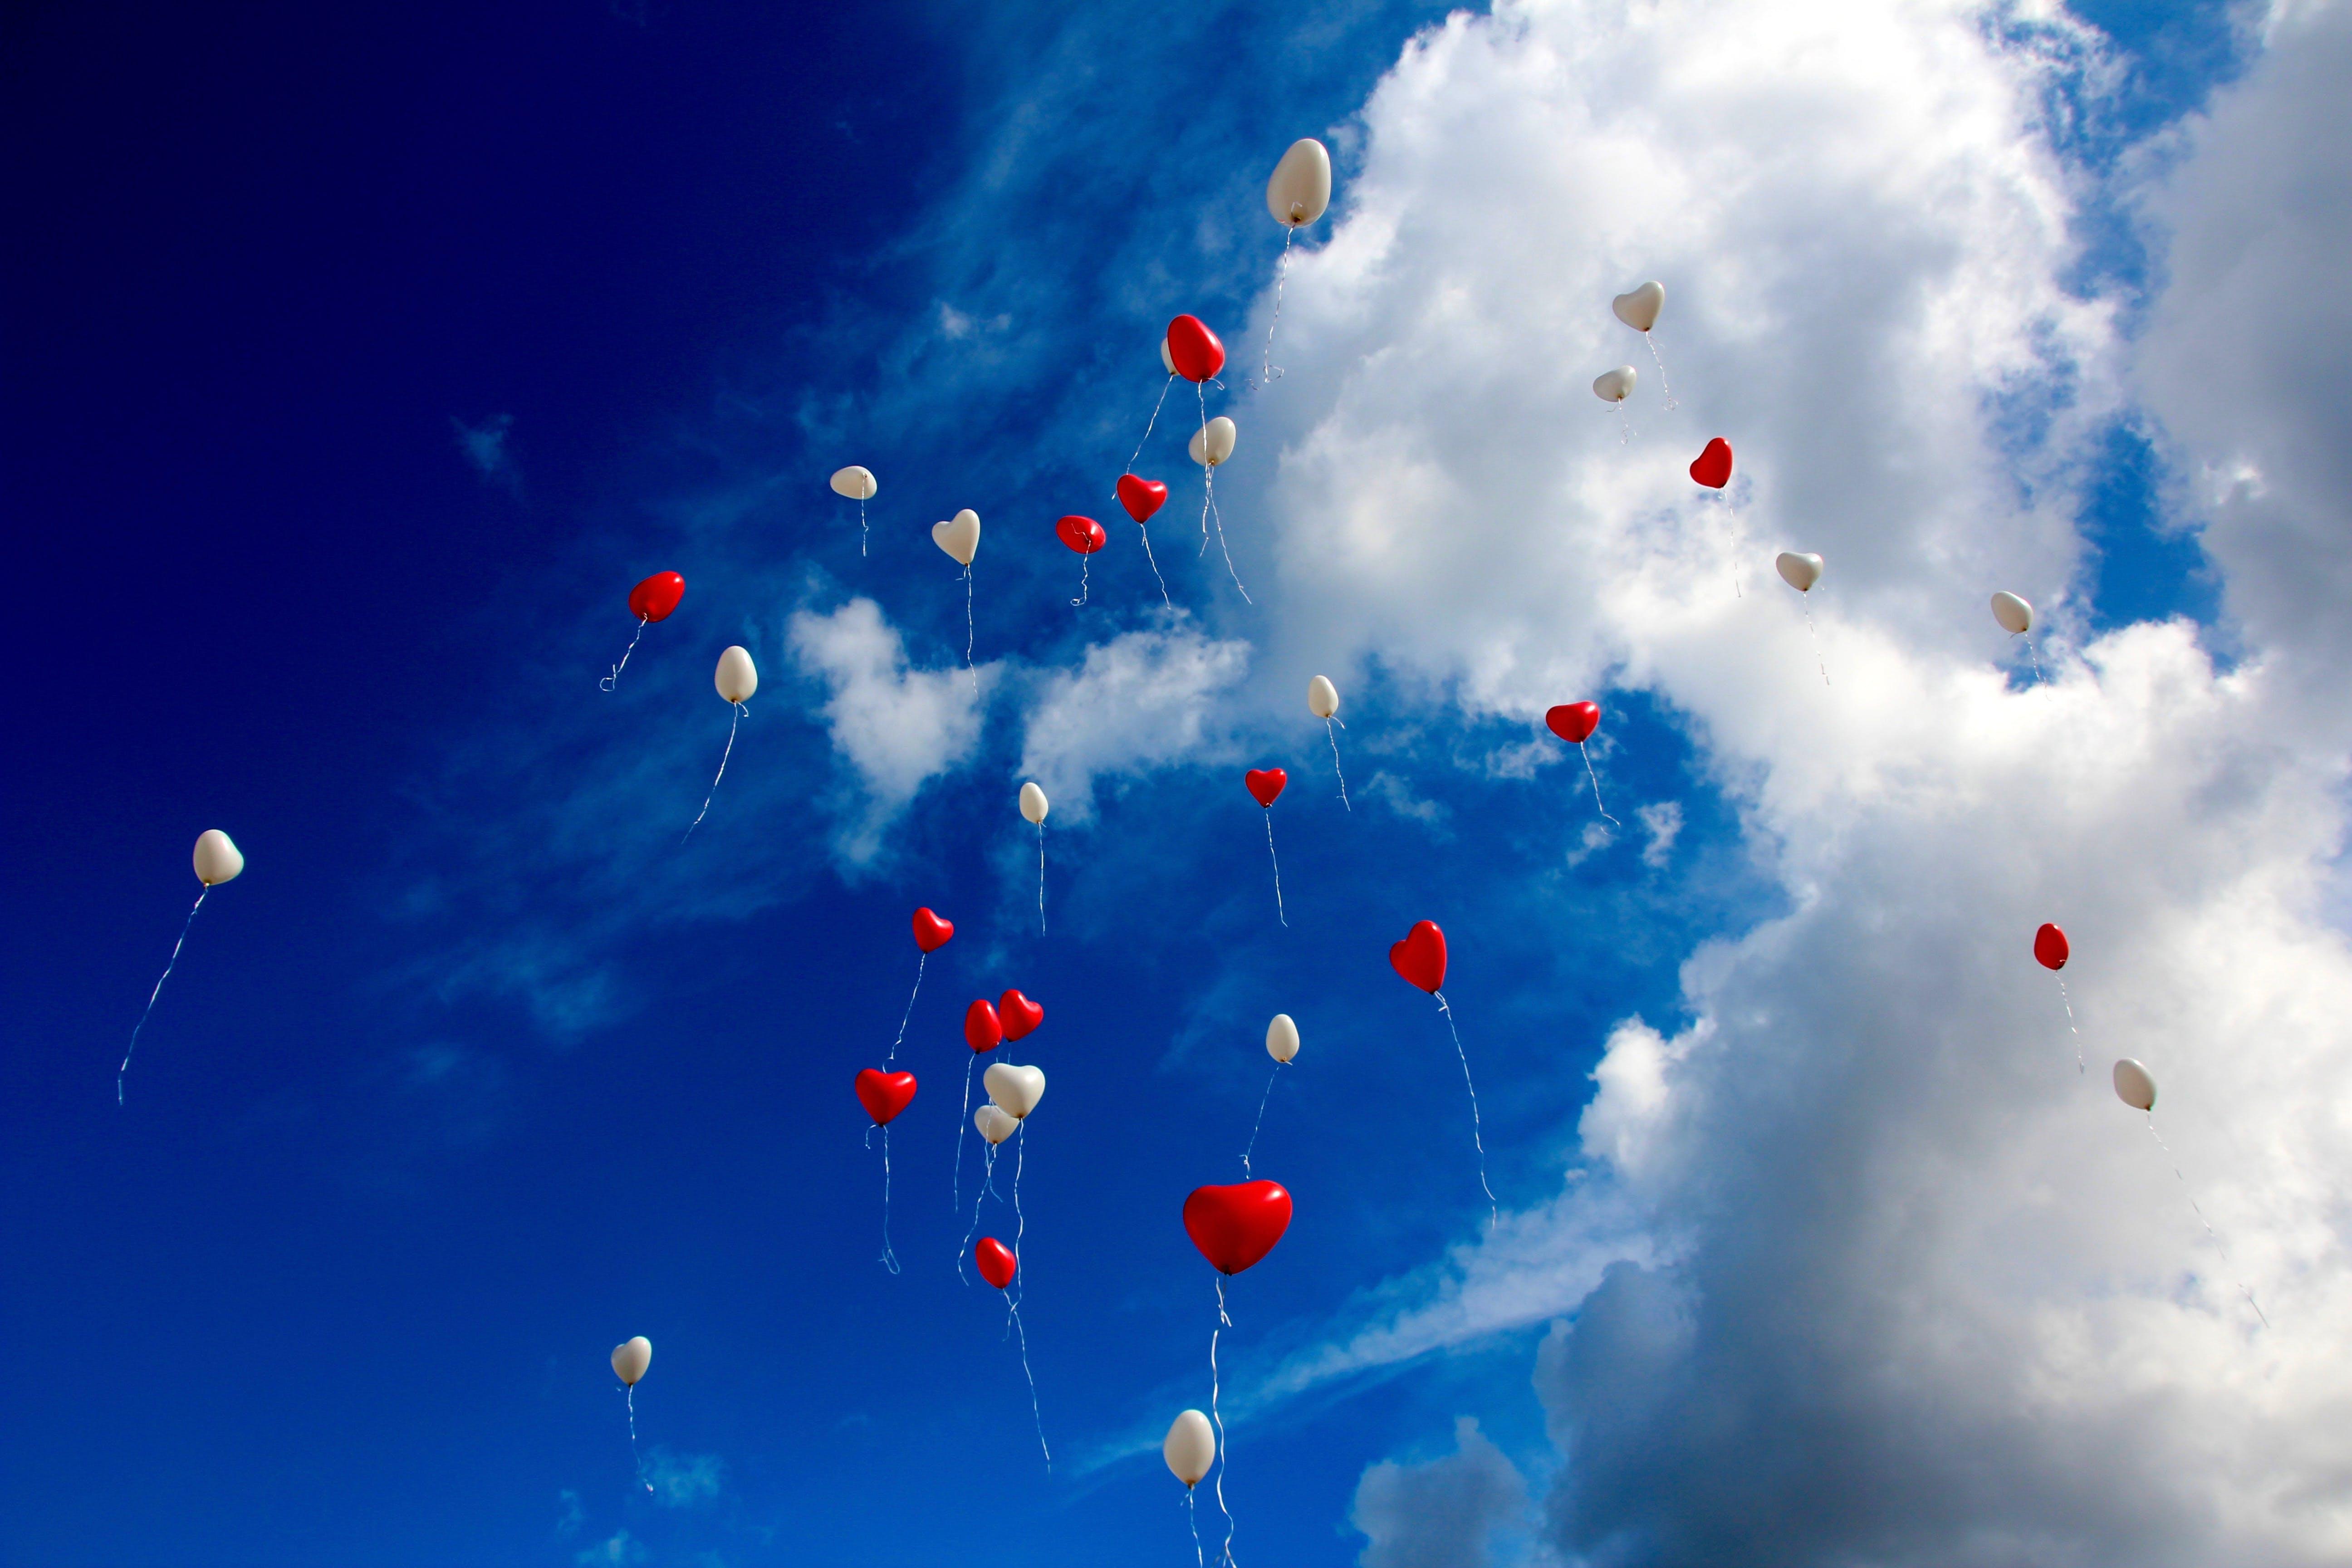 aufnahme von unten, ballons, froschperspektive